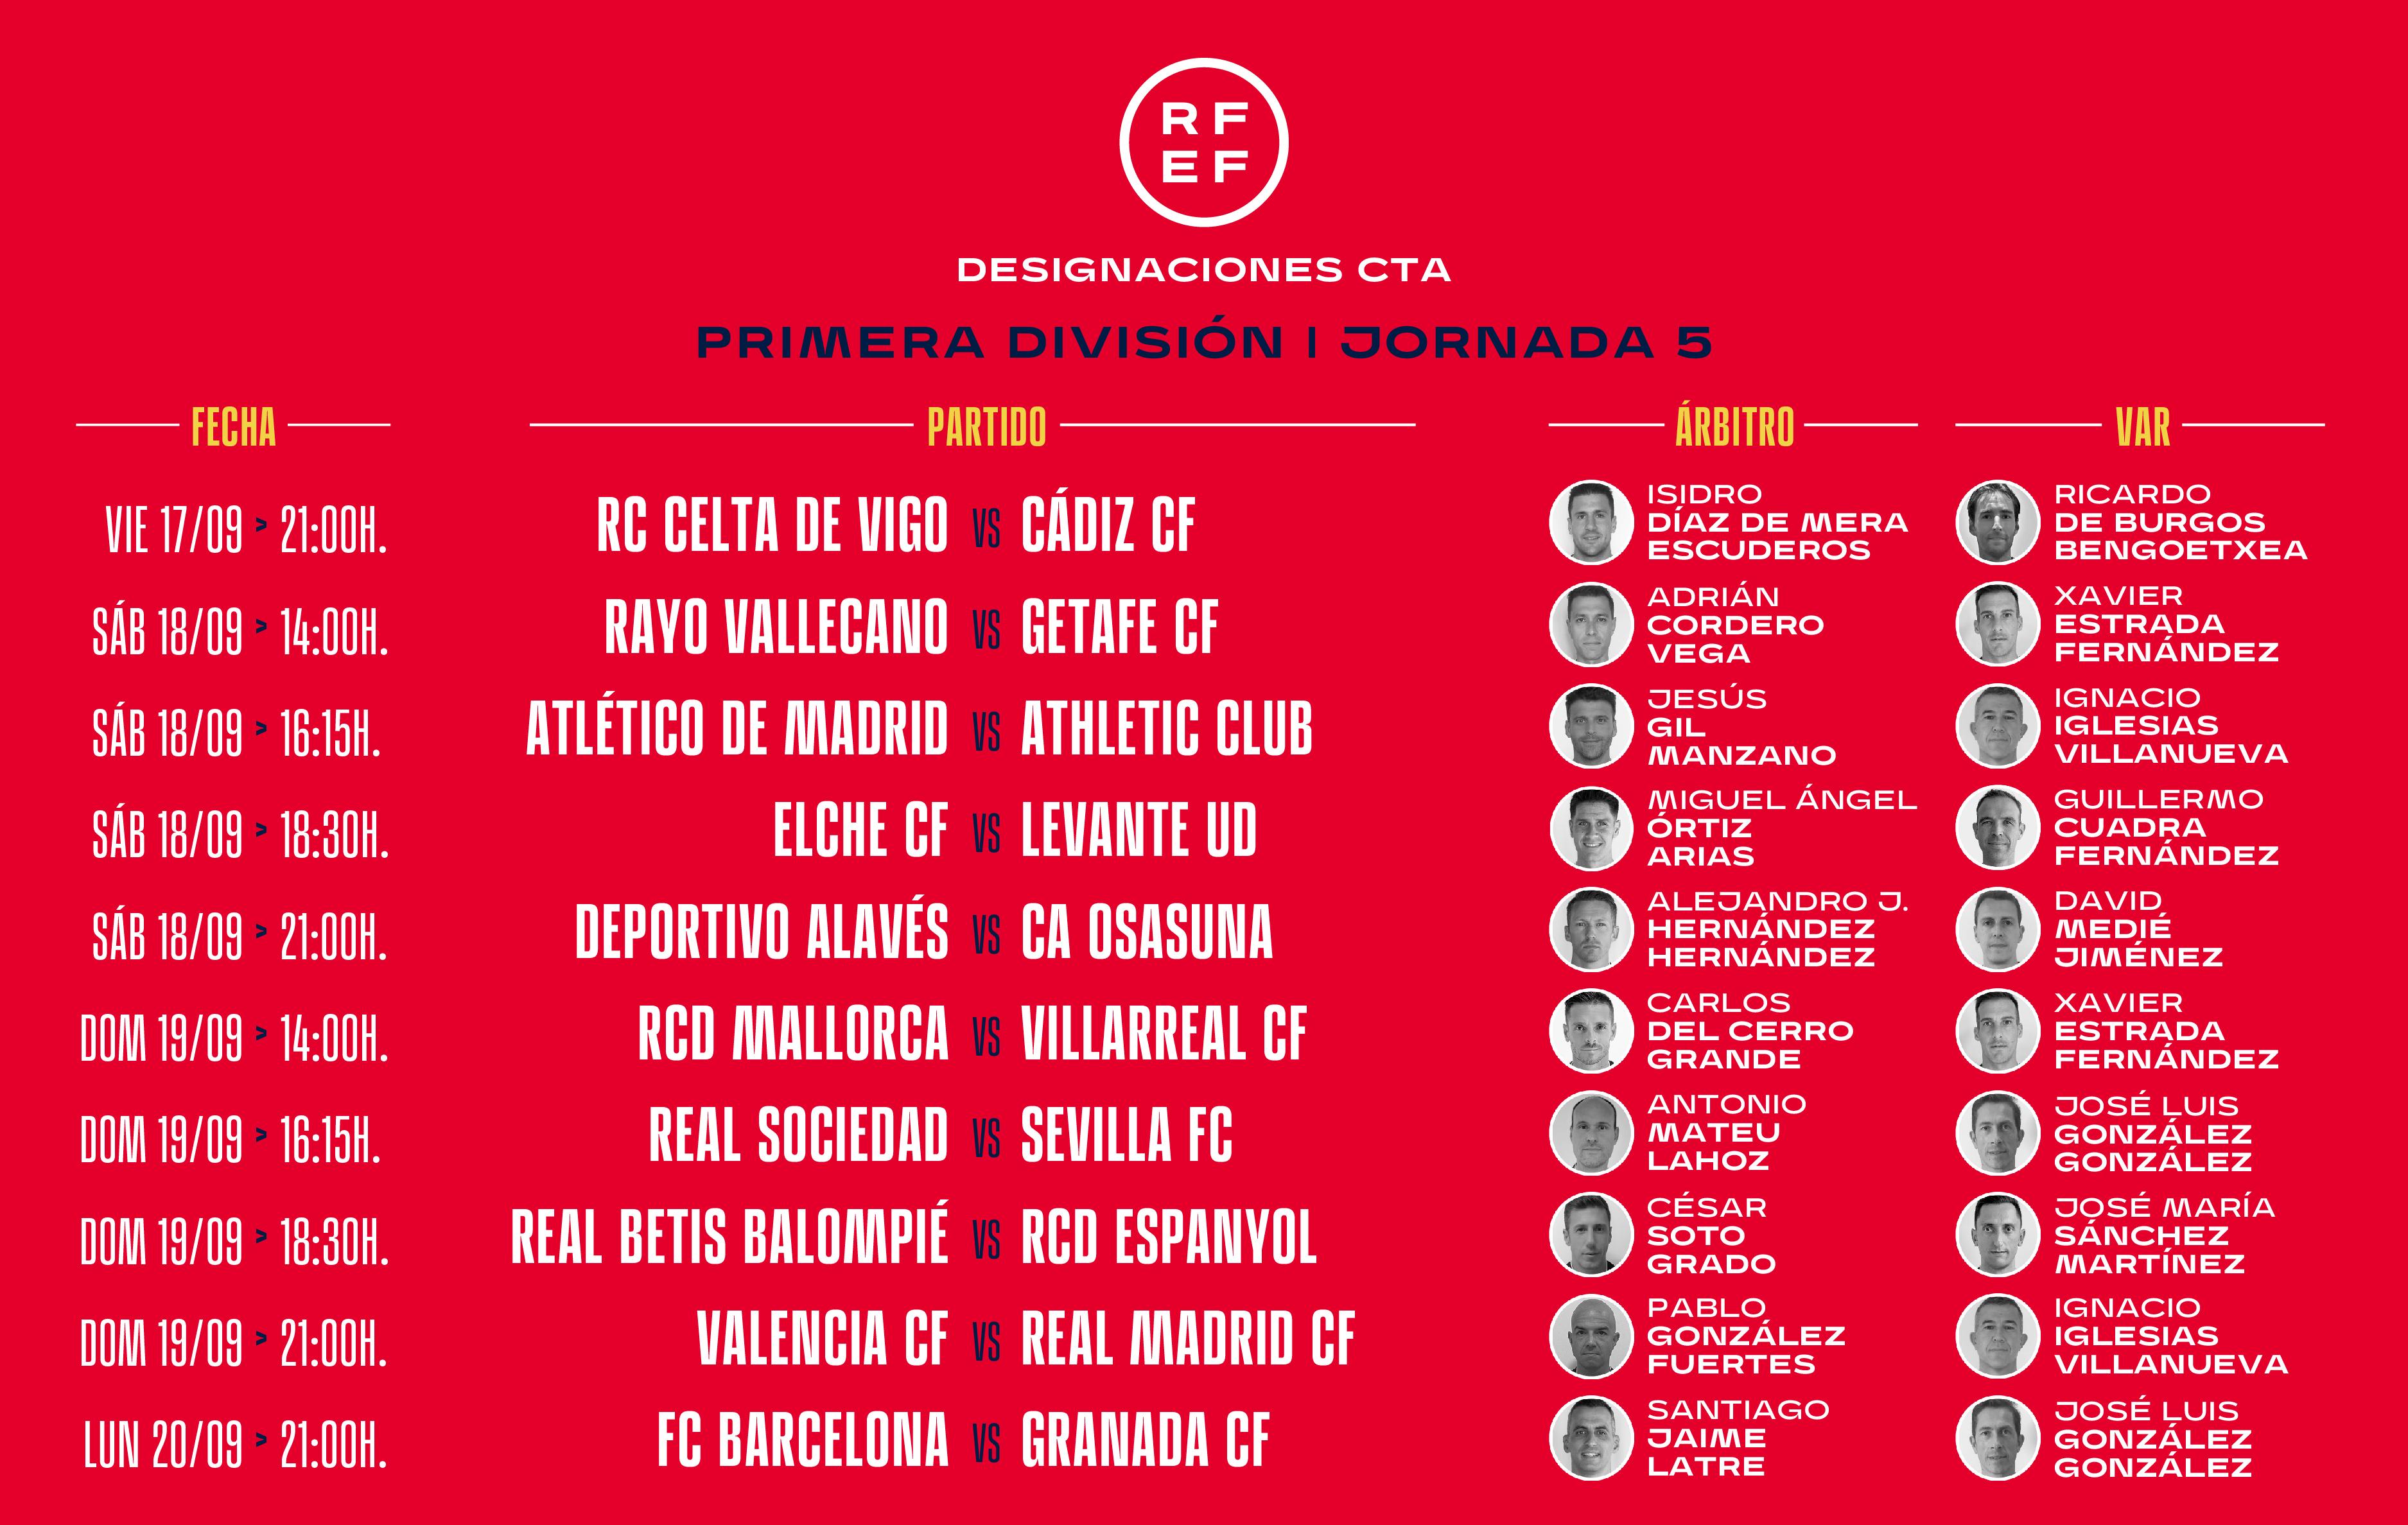 Los árbitros de la jornada 5 en LaLiga Santander.